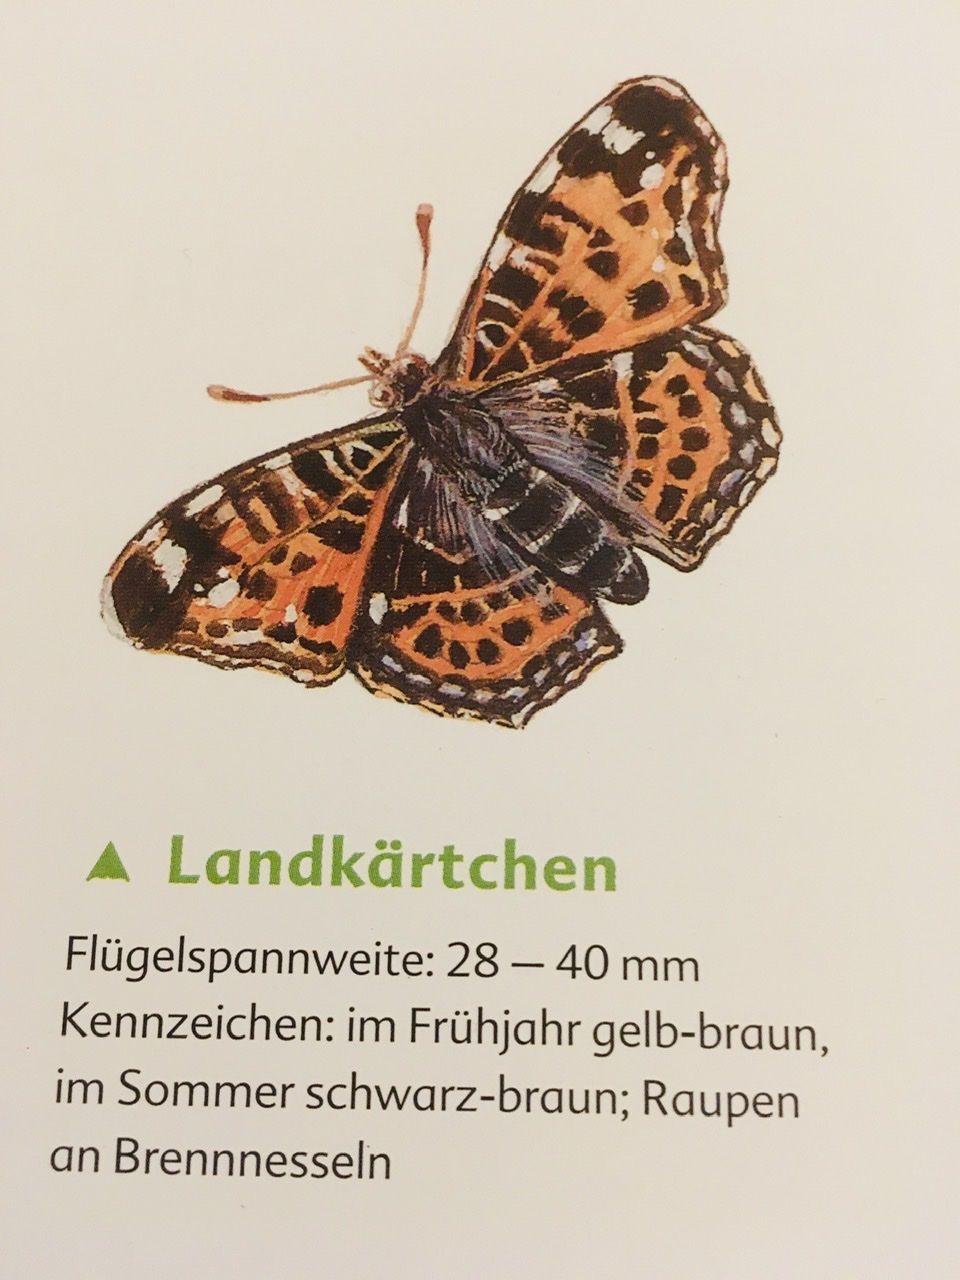 Landkartchen In 2020 Braun Werden Schmetterling